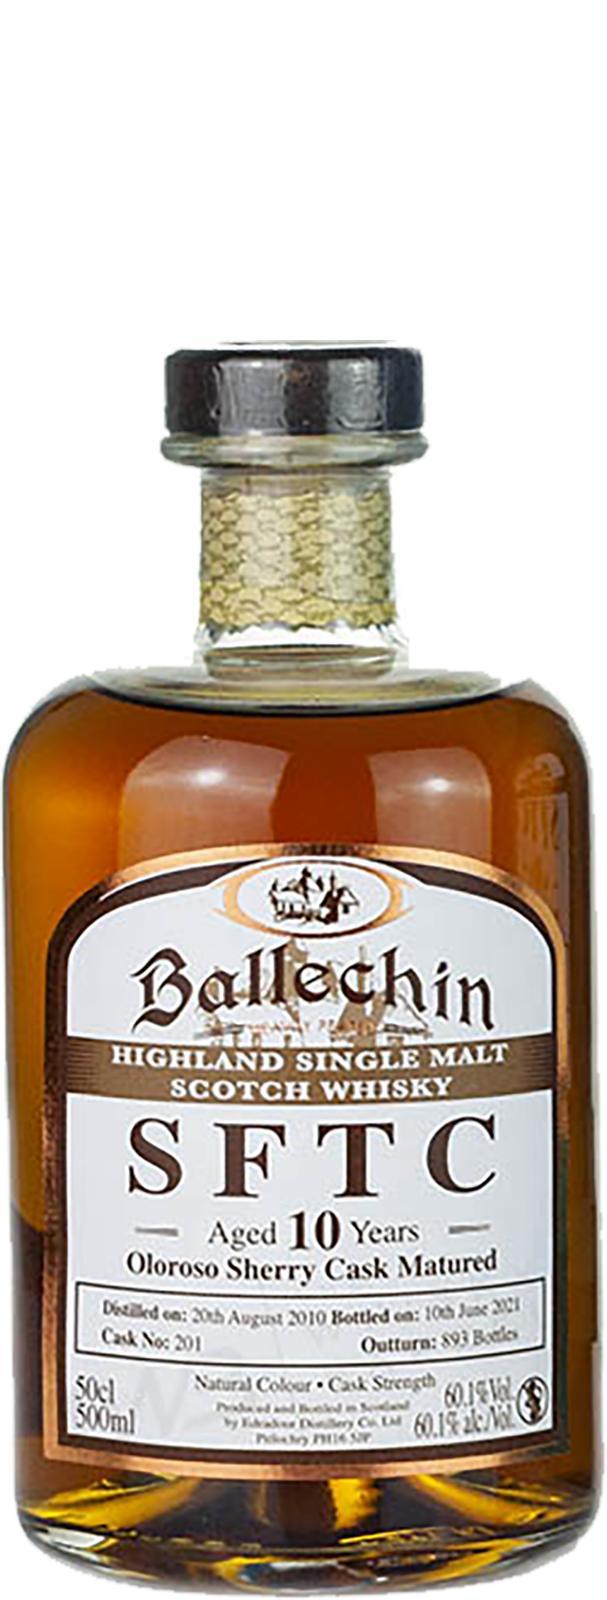 Ballechin 2010